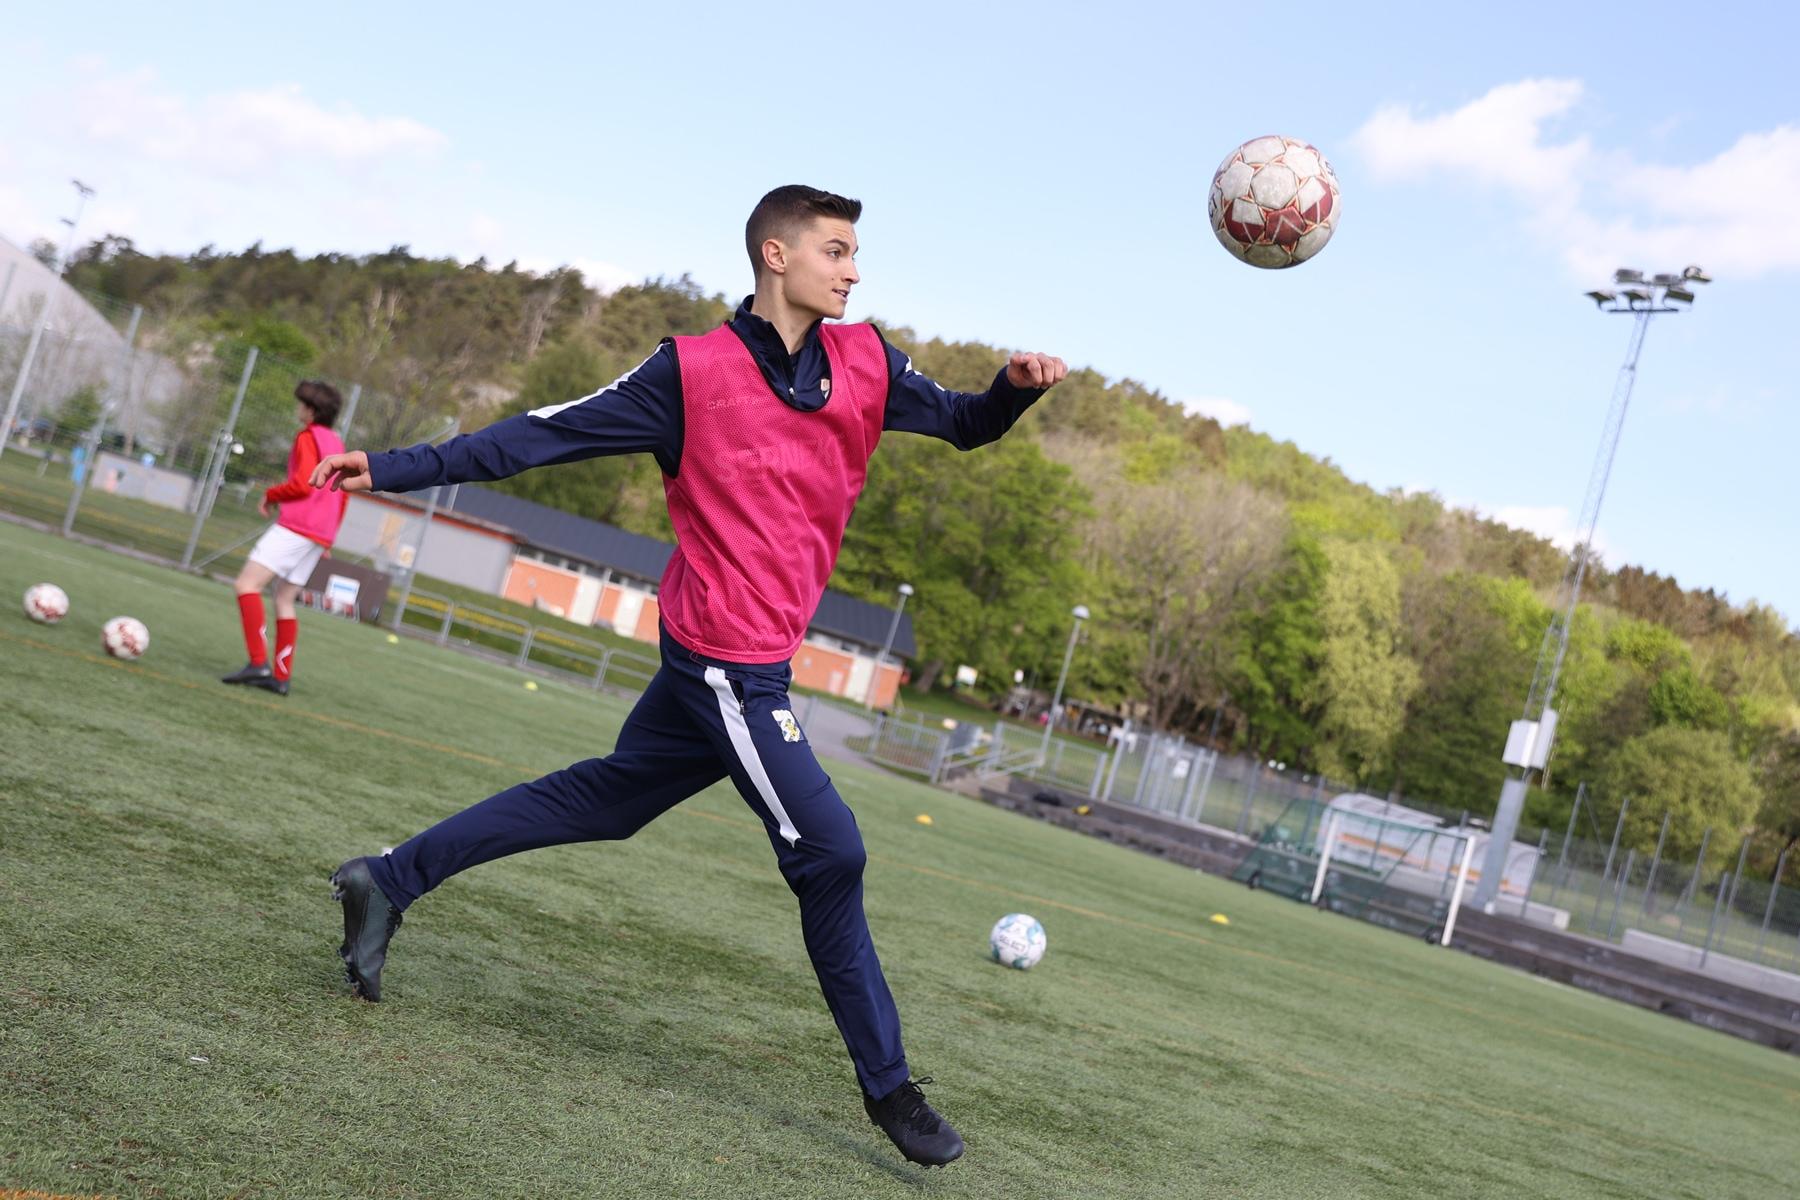 Fotbollsspelare tränar volley på Änglagårddskolan.